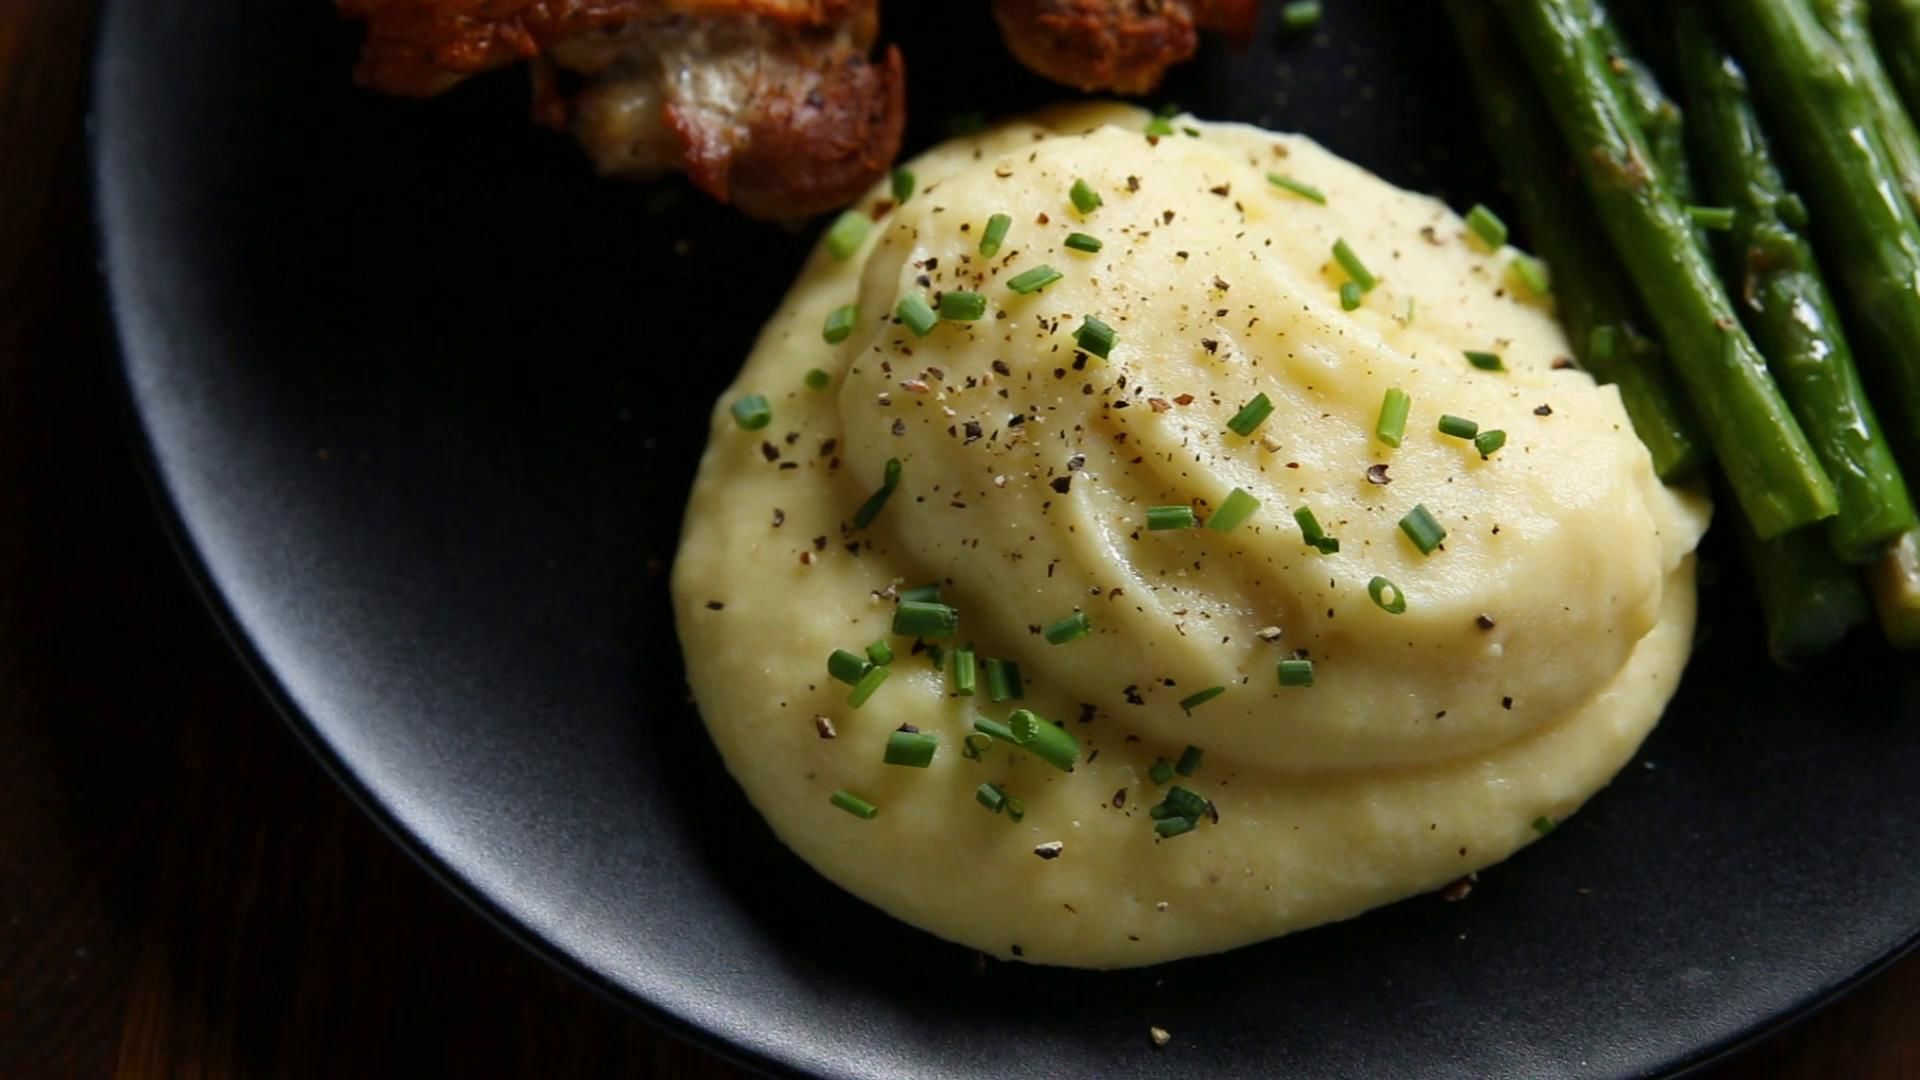 Kesalahan yang Terjadi Saat Membuat Mashed Potato